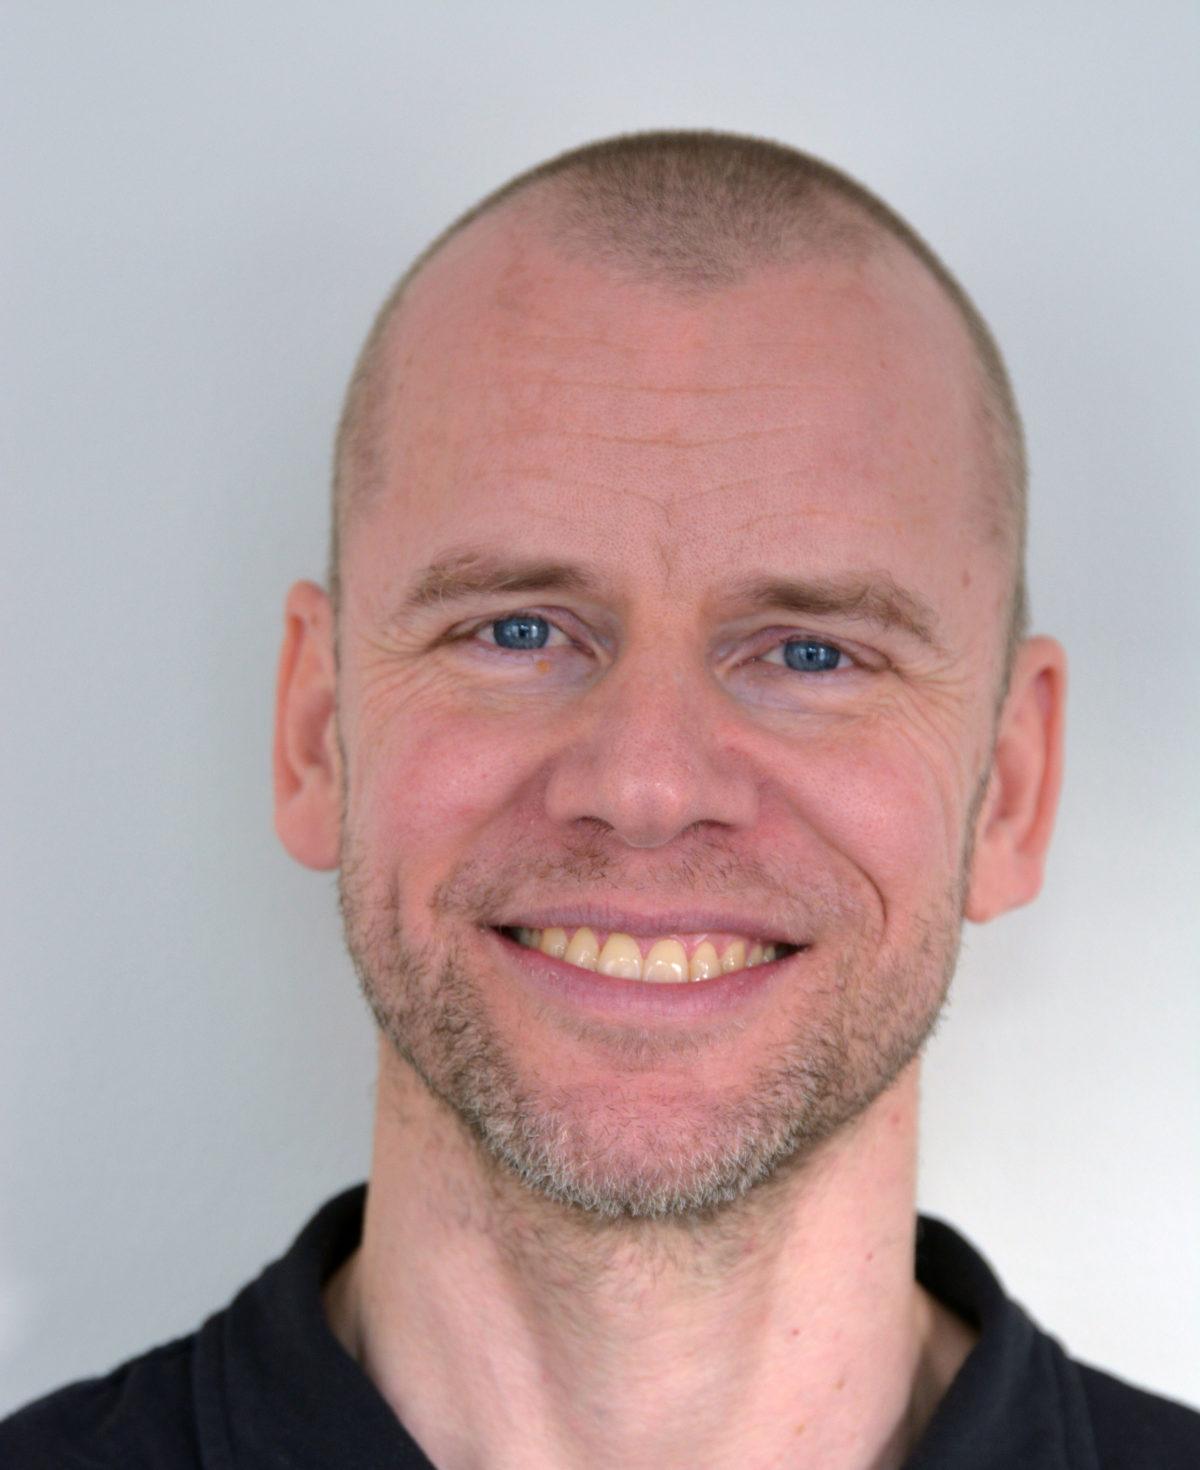 PRESSMEDDELANDE: Richard Sahlin vinner mot Sverige i FN